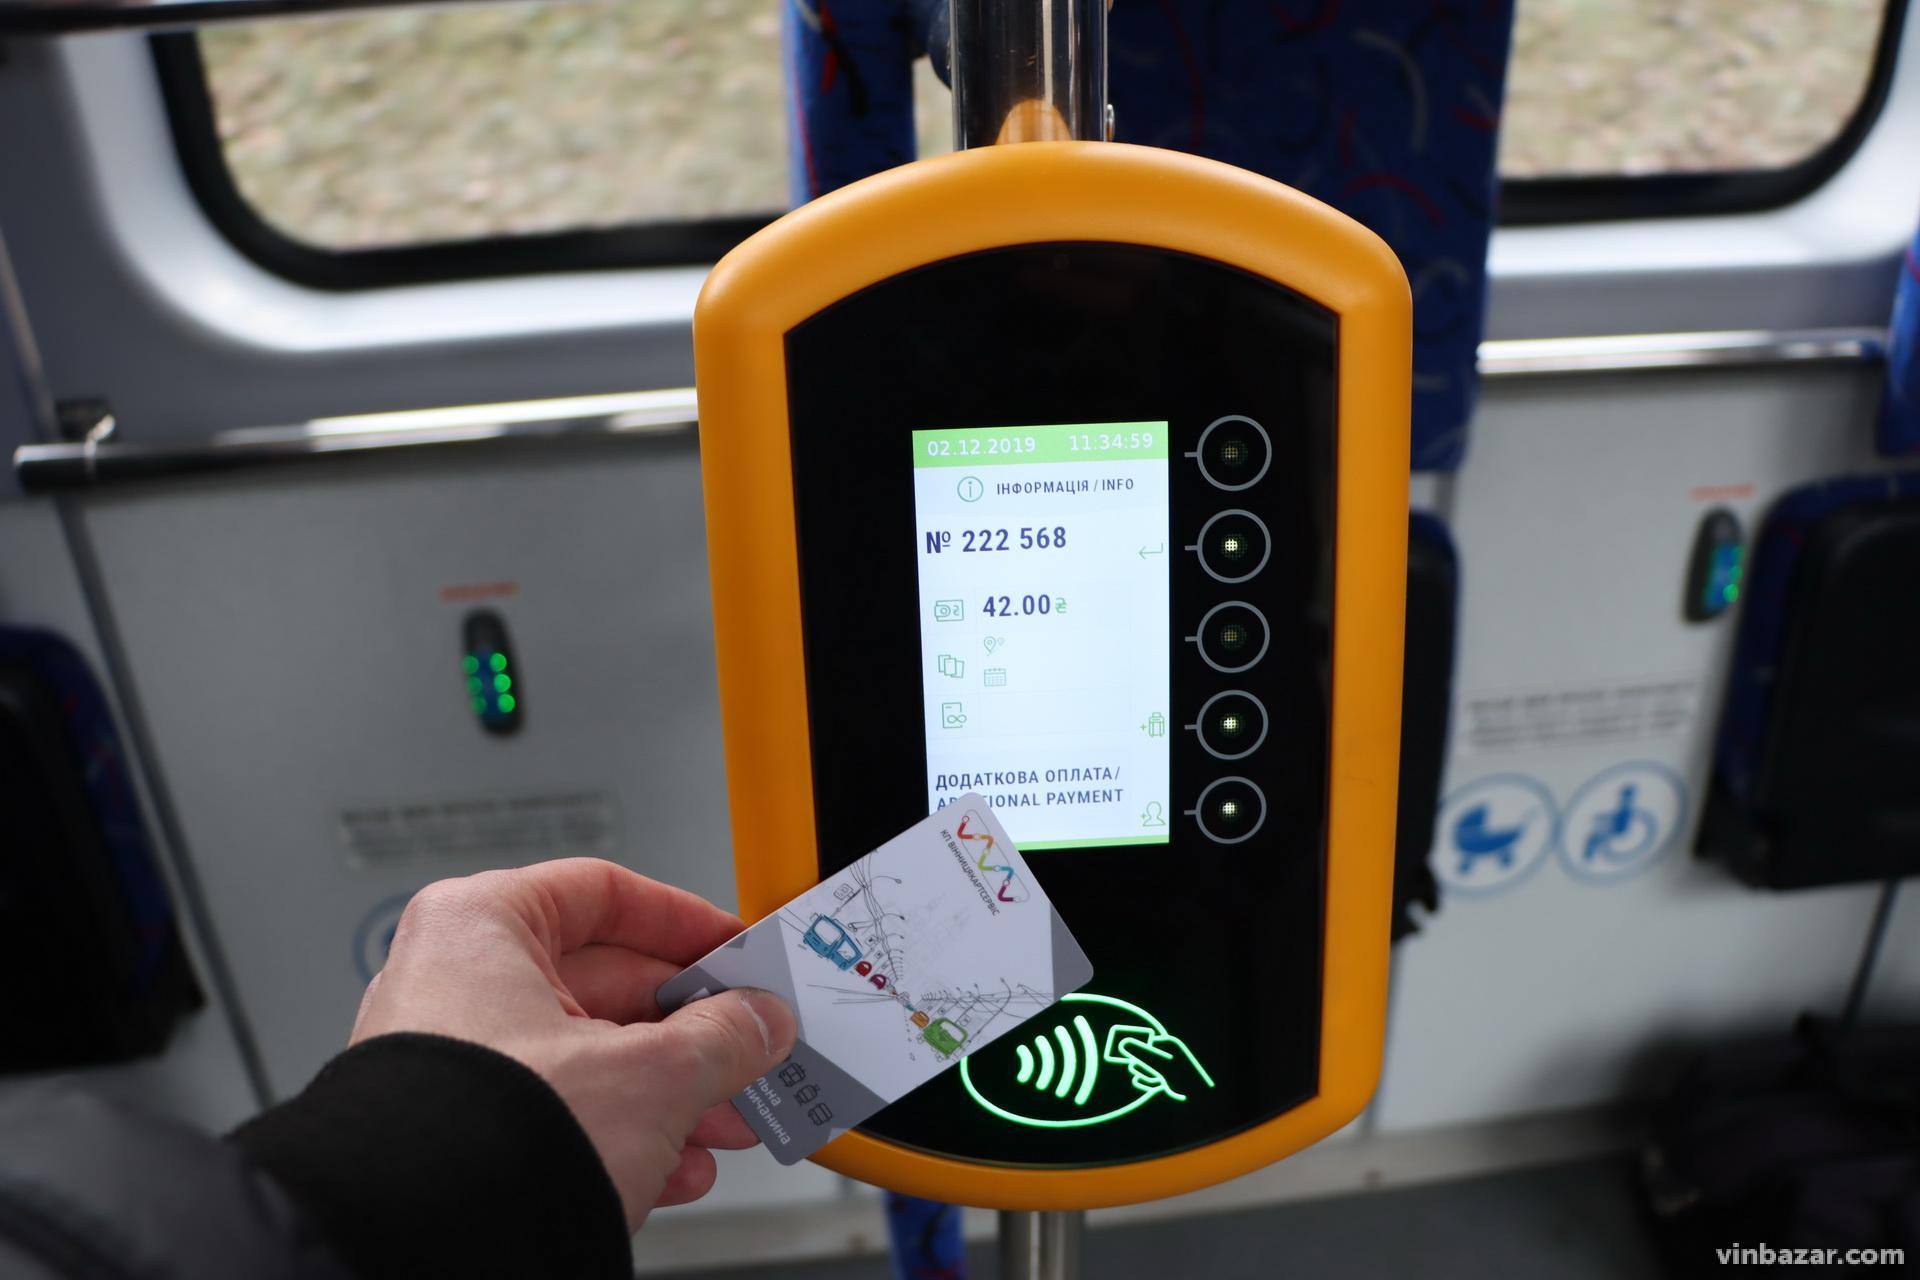 У Вінниці запустили оплату в трамваях за допомогою картки вінничанина. Детально про нову систему